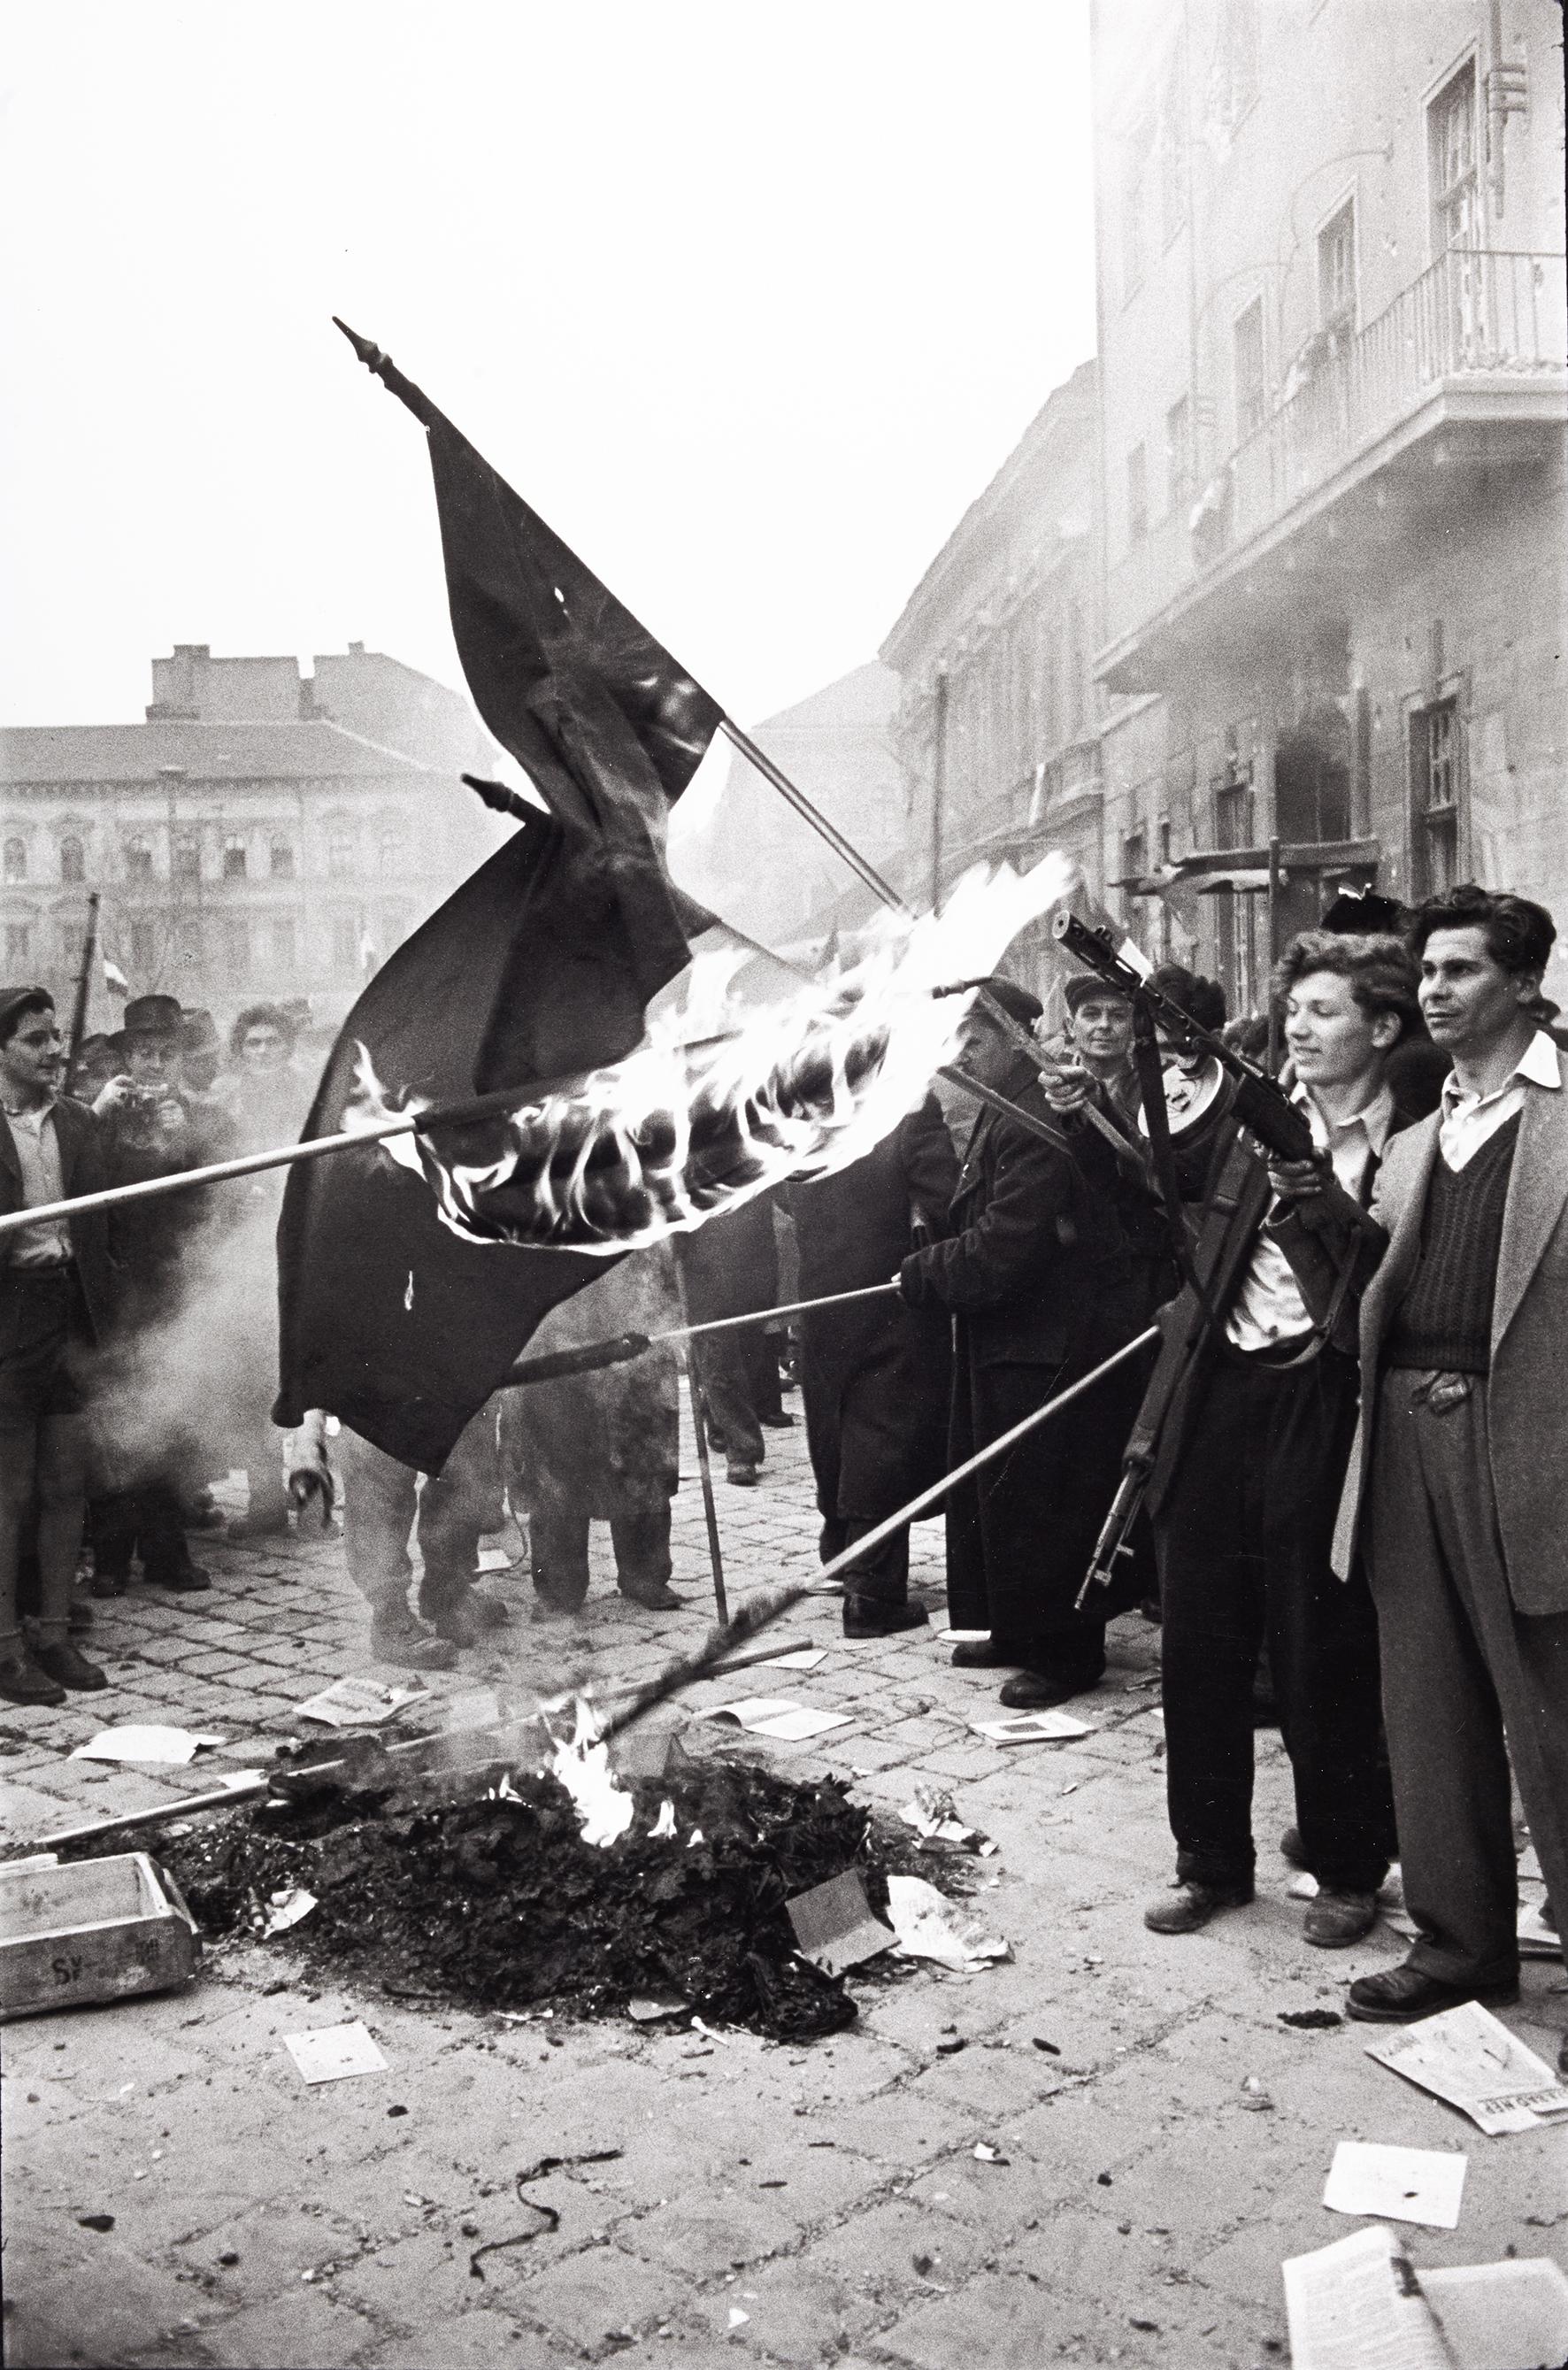 Erich Lessing<br />Szovjet zászlókat égetnek el a kommunista párt székházának elfoglalása után. Budapest, 1956. október 30., Köztársaság-tér.<br />© Erich Lessing